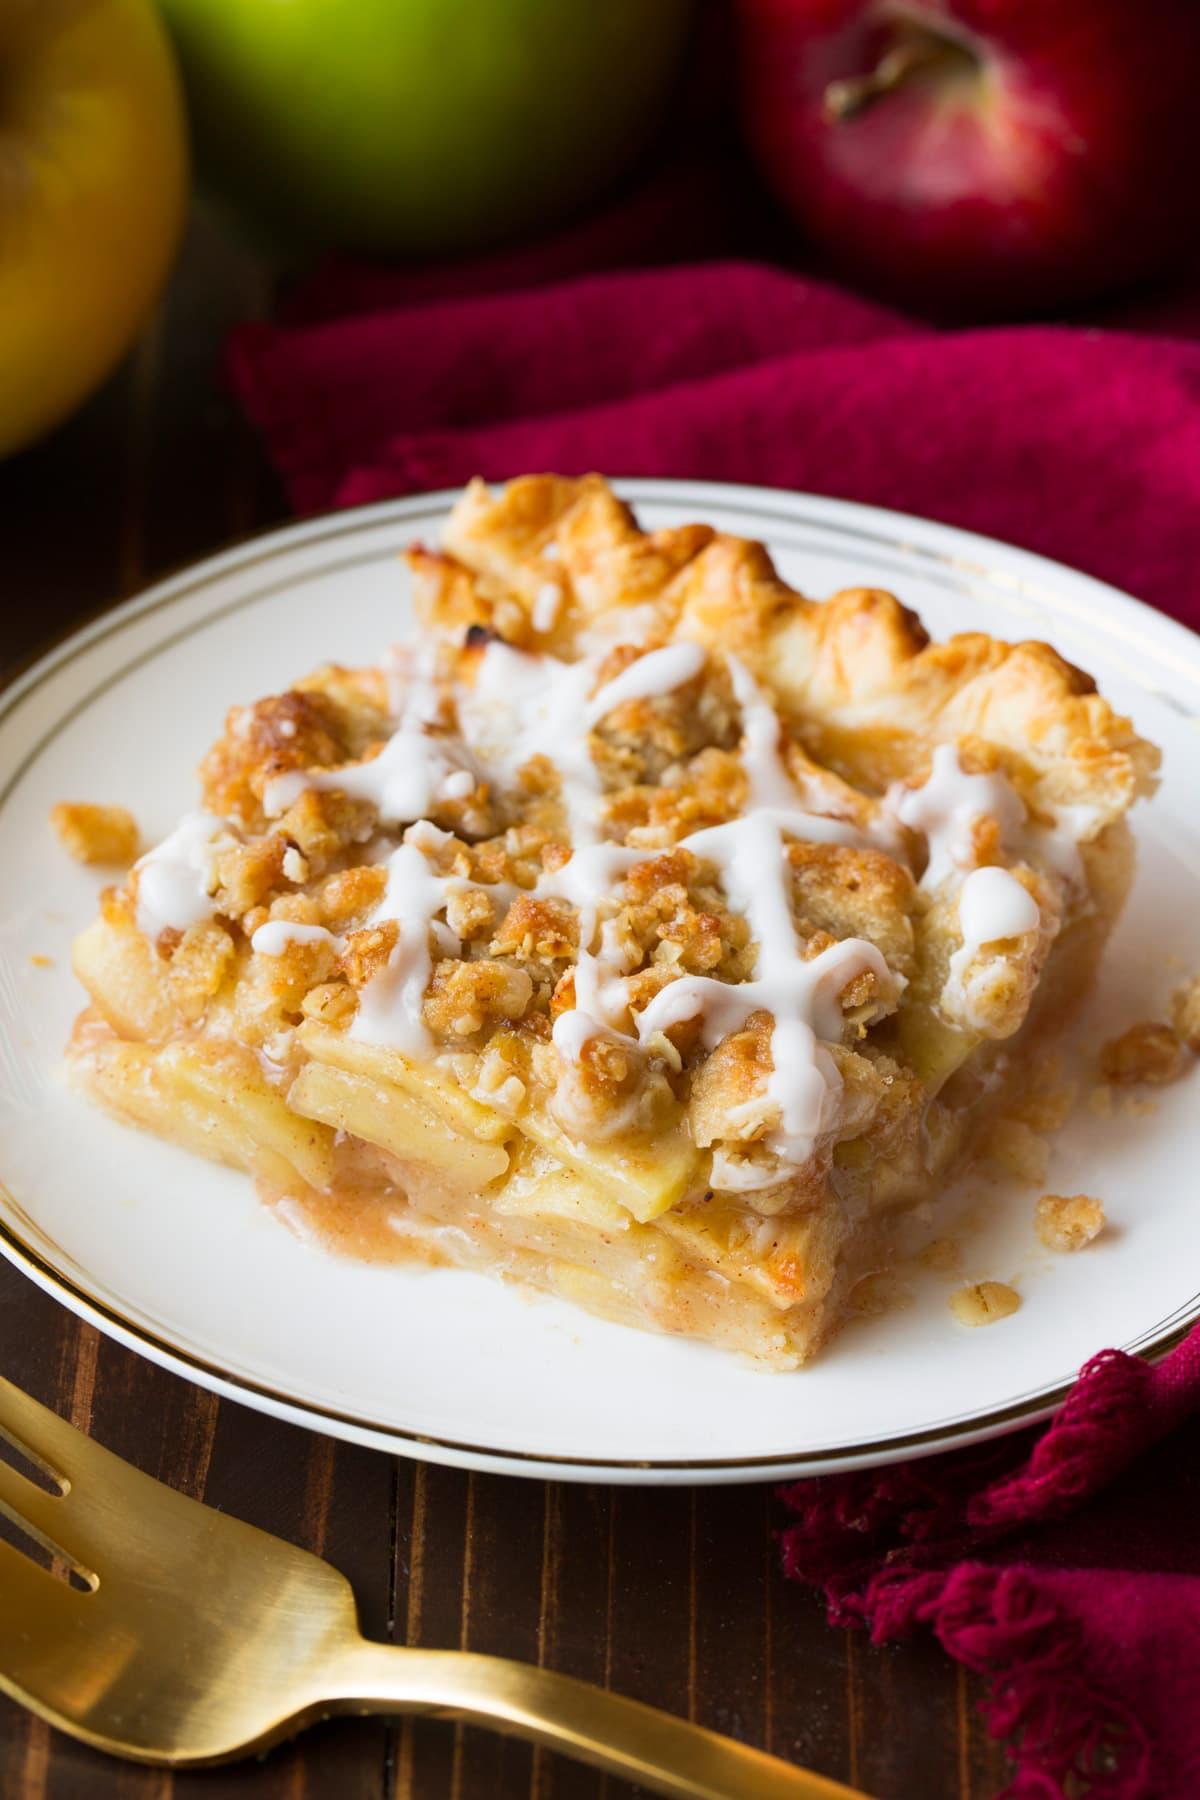 Single slice of apple slab pie on a small dessert plate.